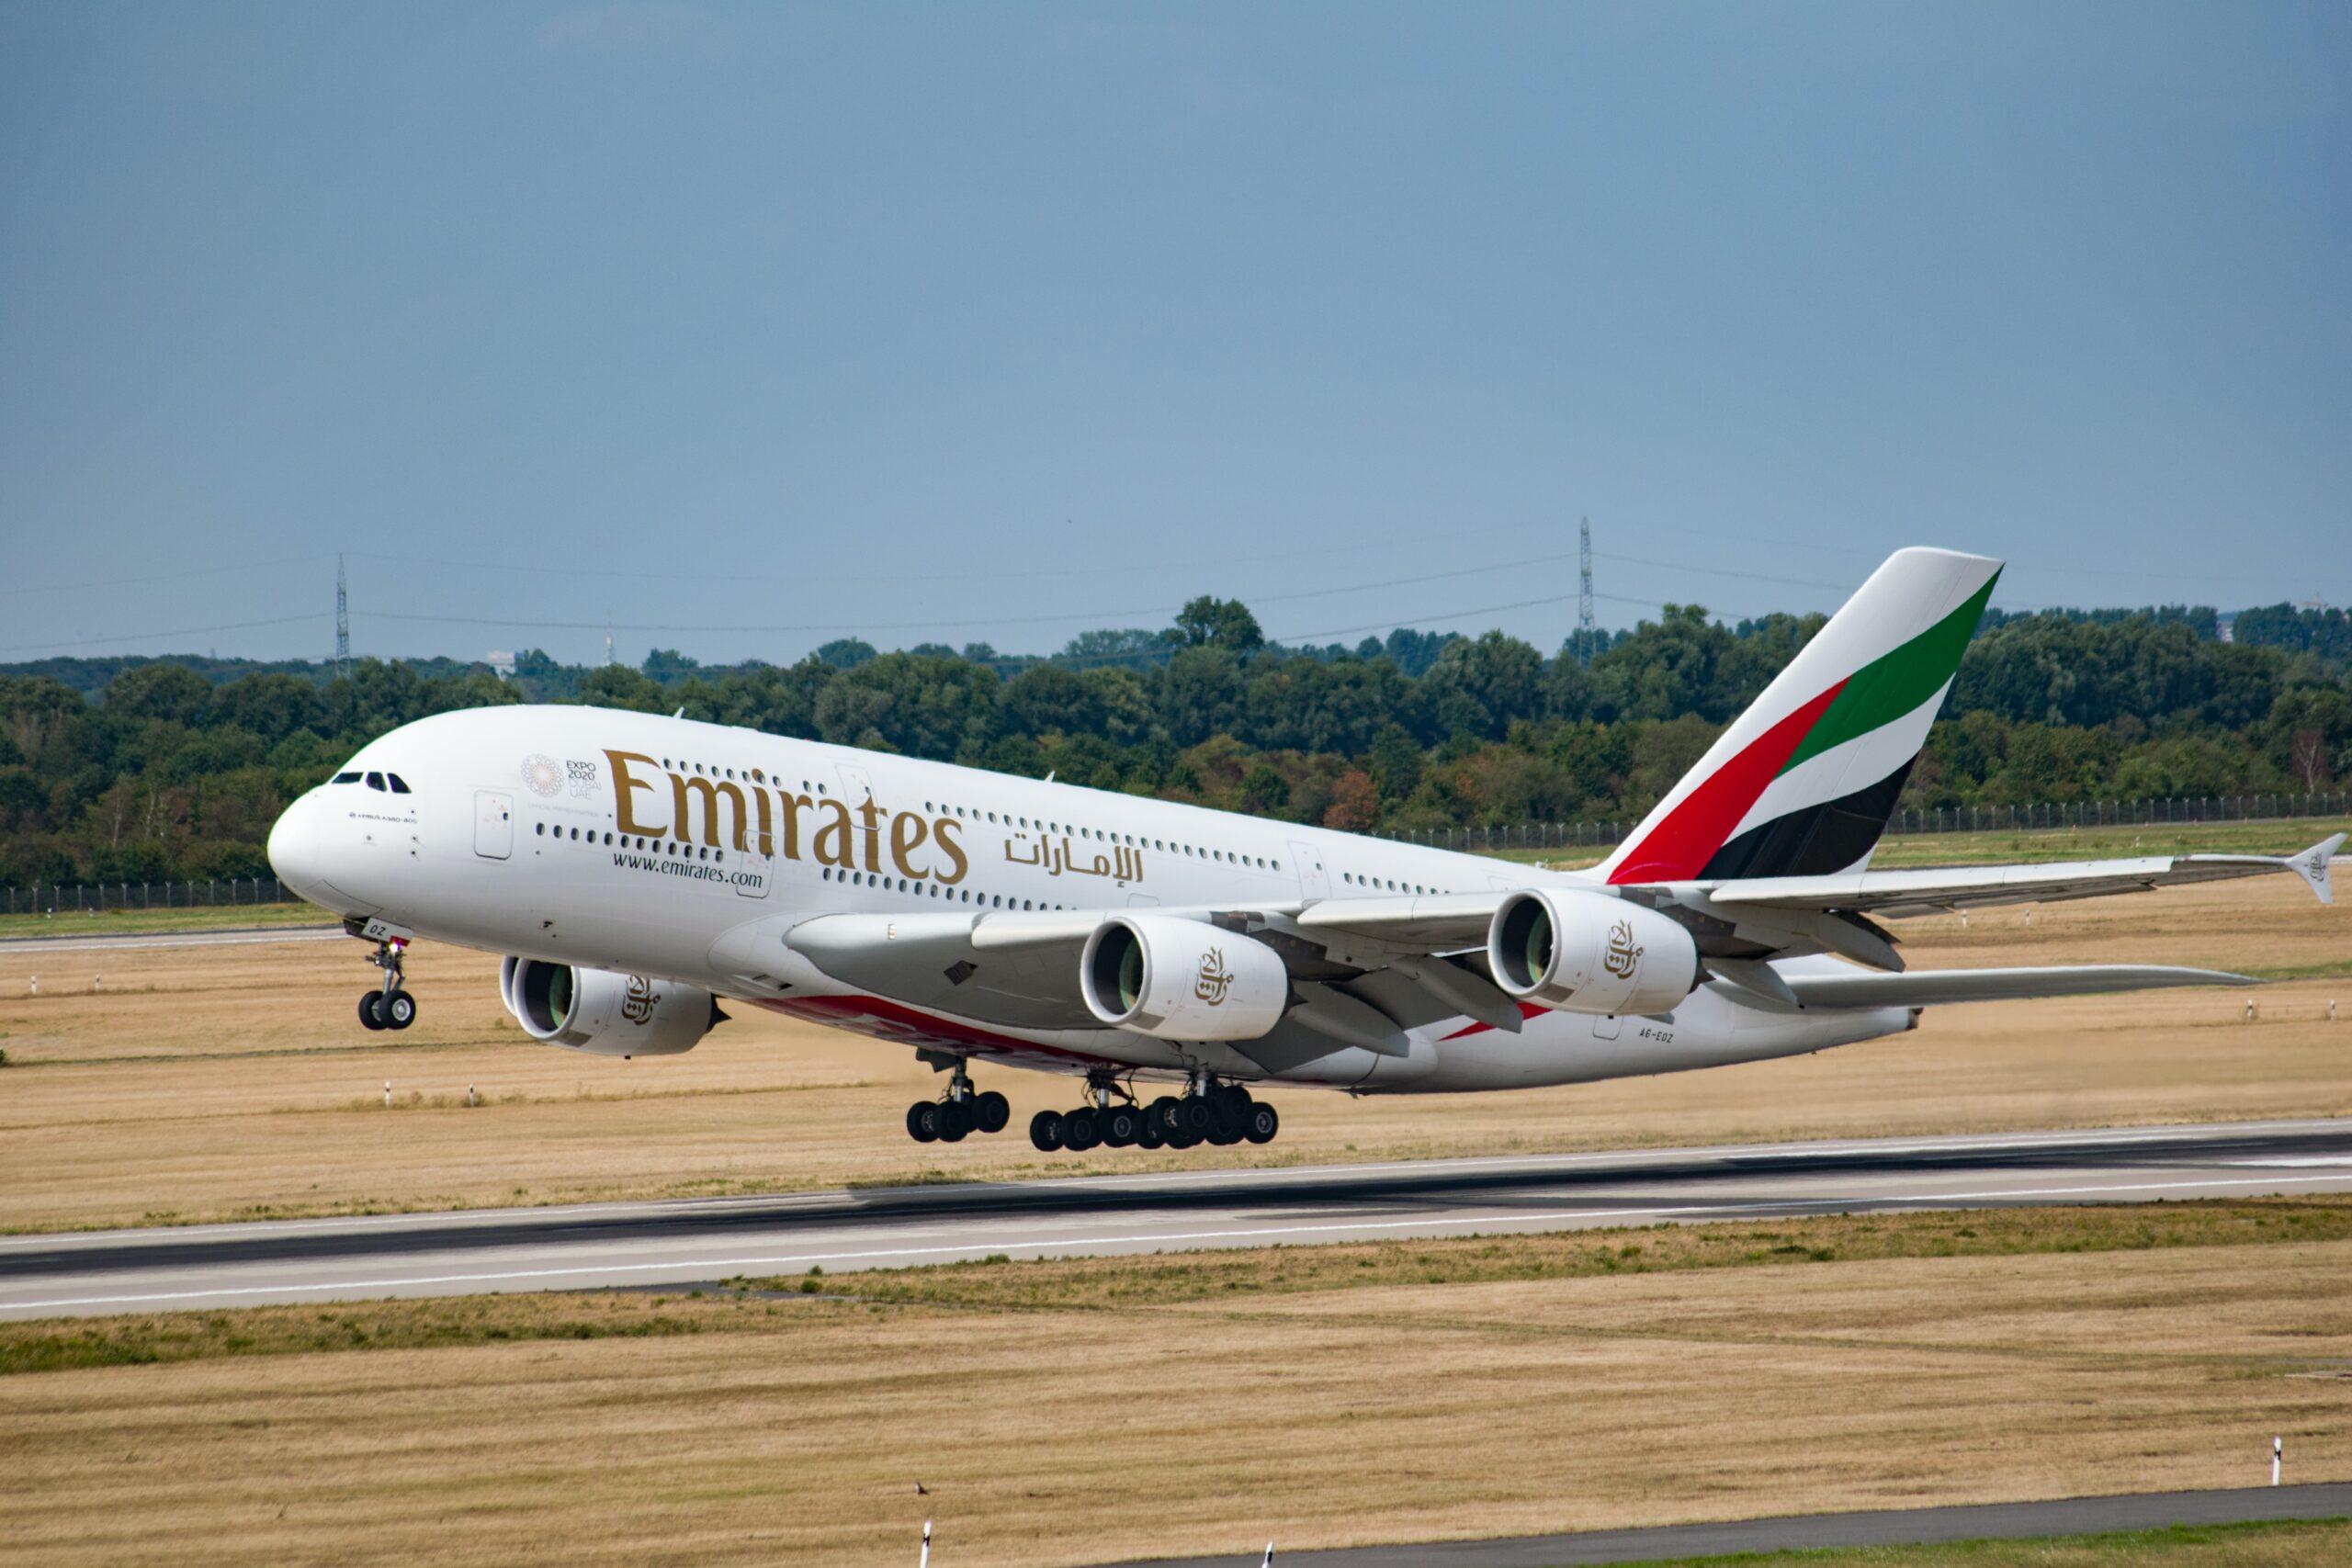 Emirates rozszerzają swoją siatkę połączeń do USA, wprowadzając loty do Orlando